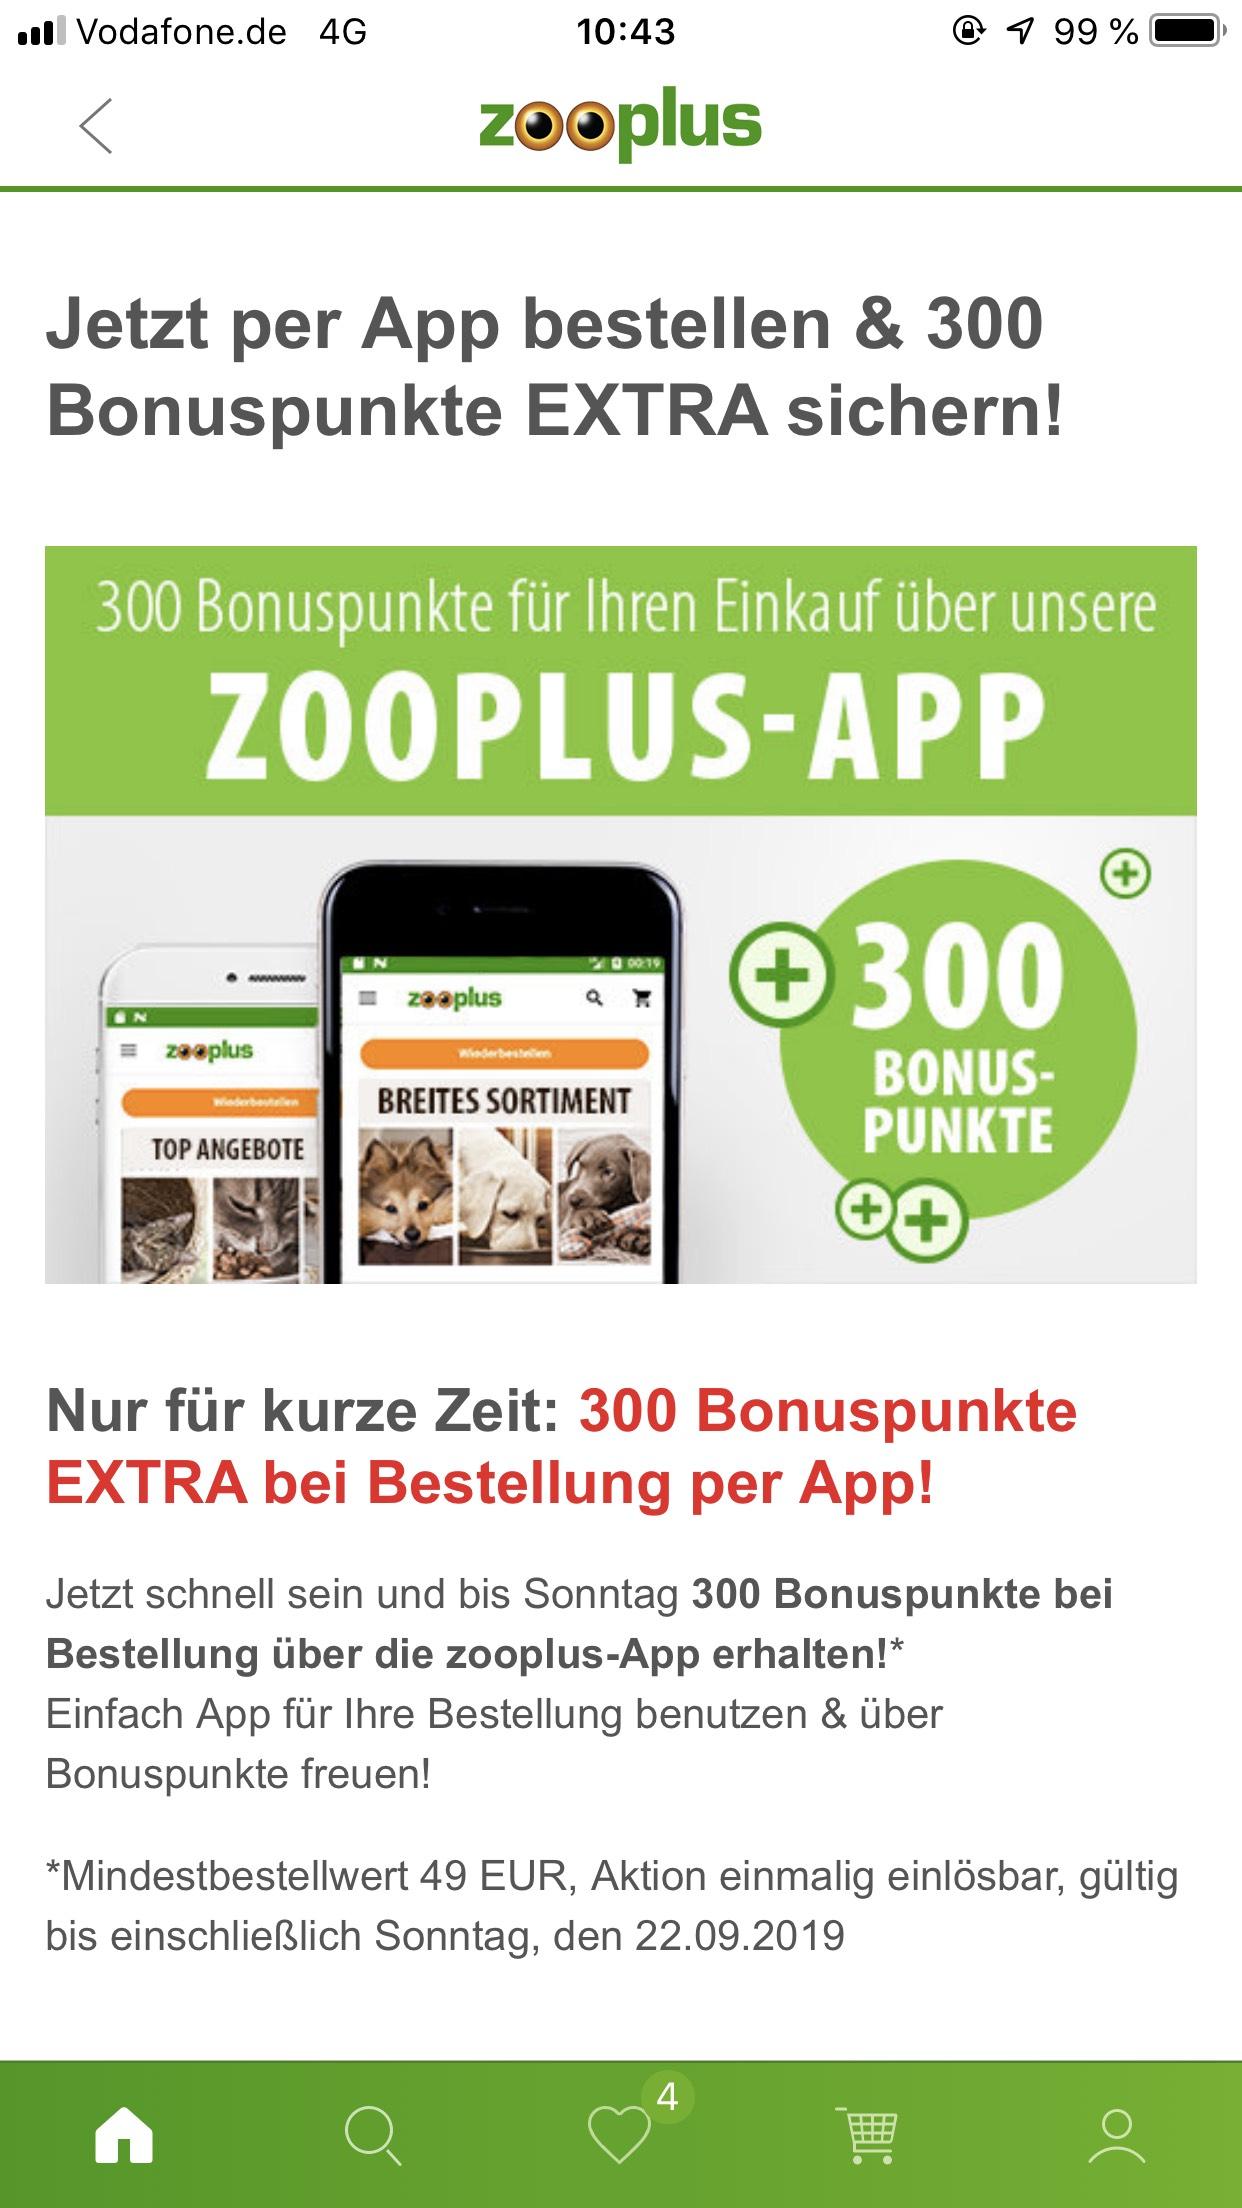 [Zooplus-App] 300 extra Punkte ab einem Bestellwert von 49€